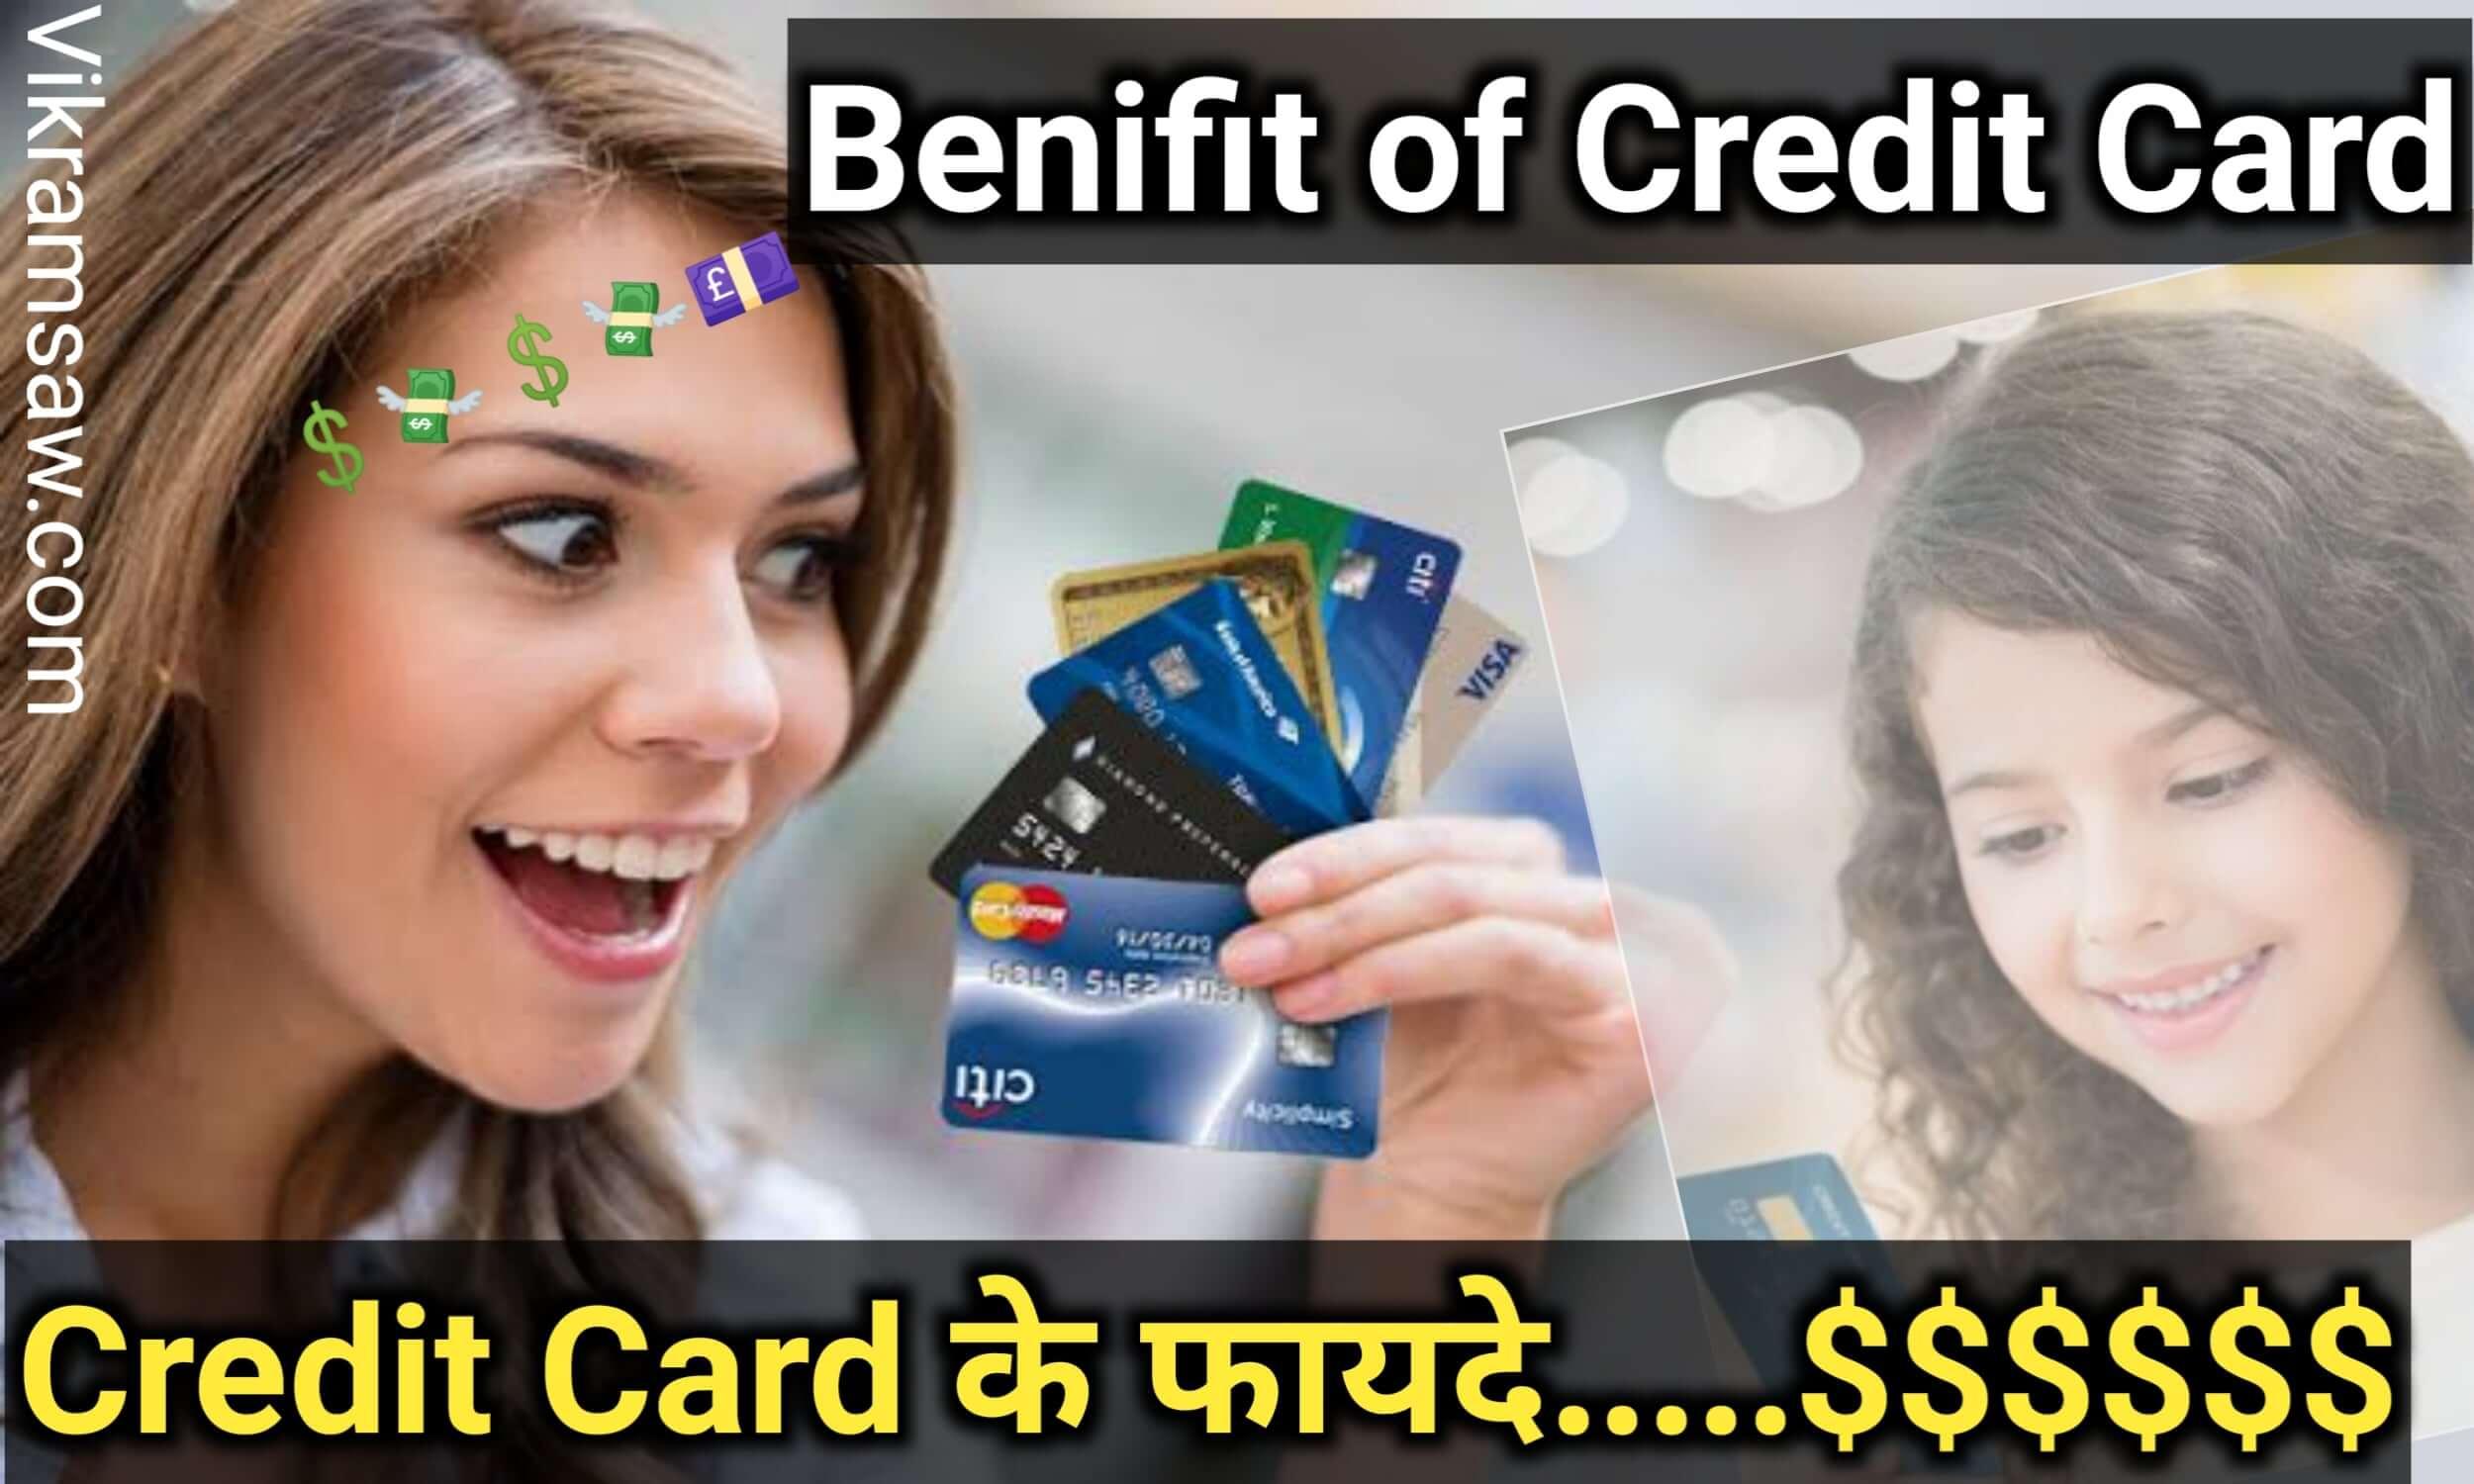 क्रेडिट कार्ड के फायदे